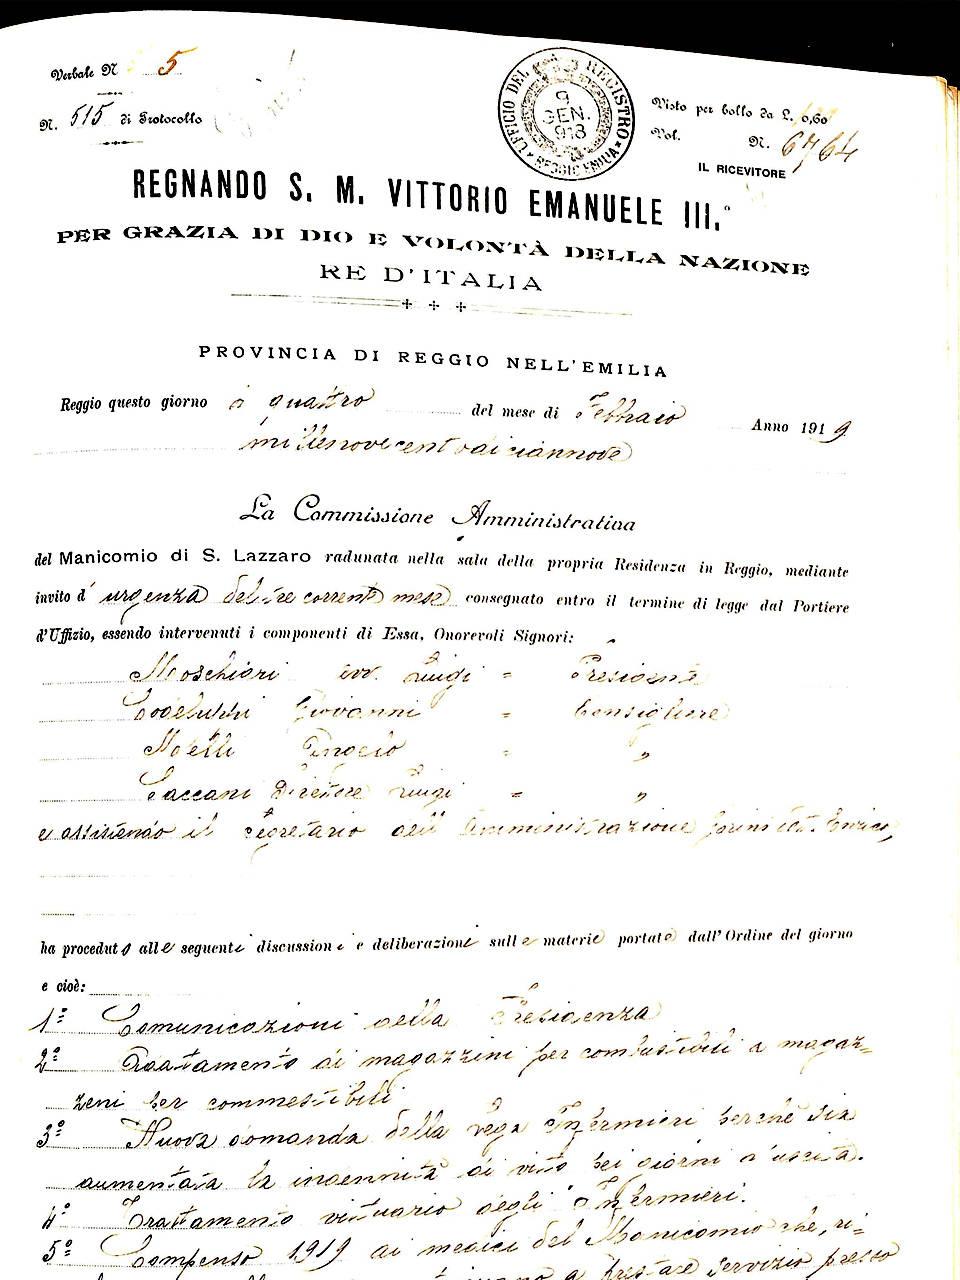 4 febbraio 1919, assunzione del servizio di bucato del Centro Neuro-Psichiatrico di Prima Raccolta